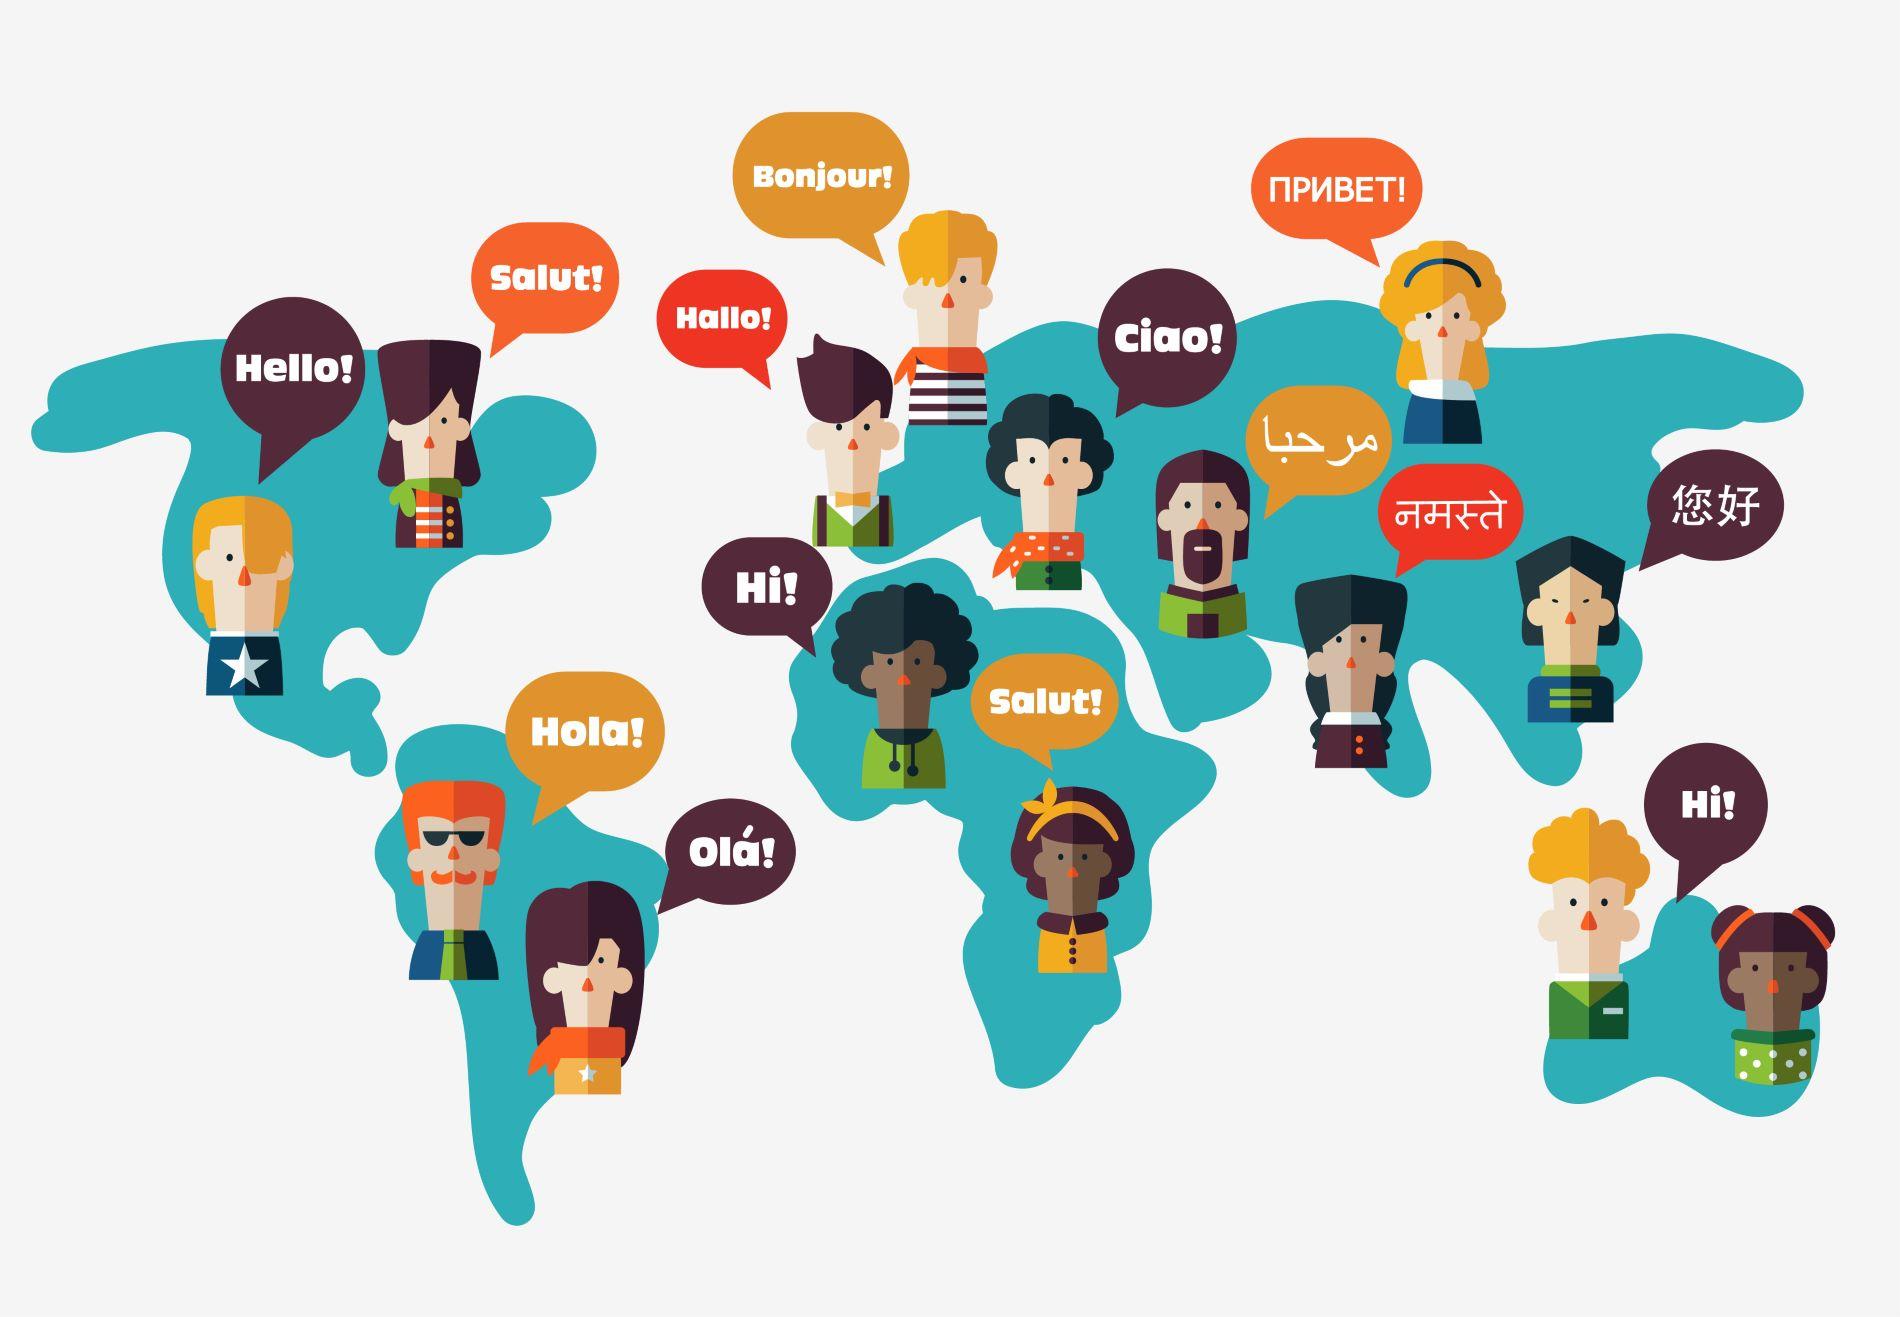 Alla Francese Posizione le 25 lingue più parlate al mondo【classifica ufficiale】